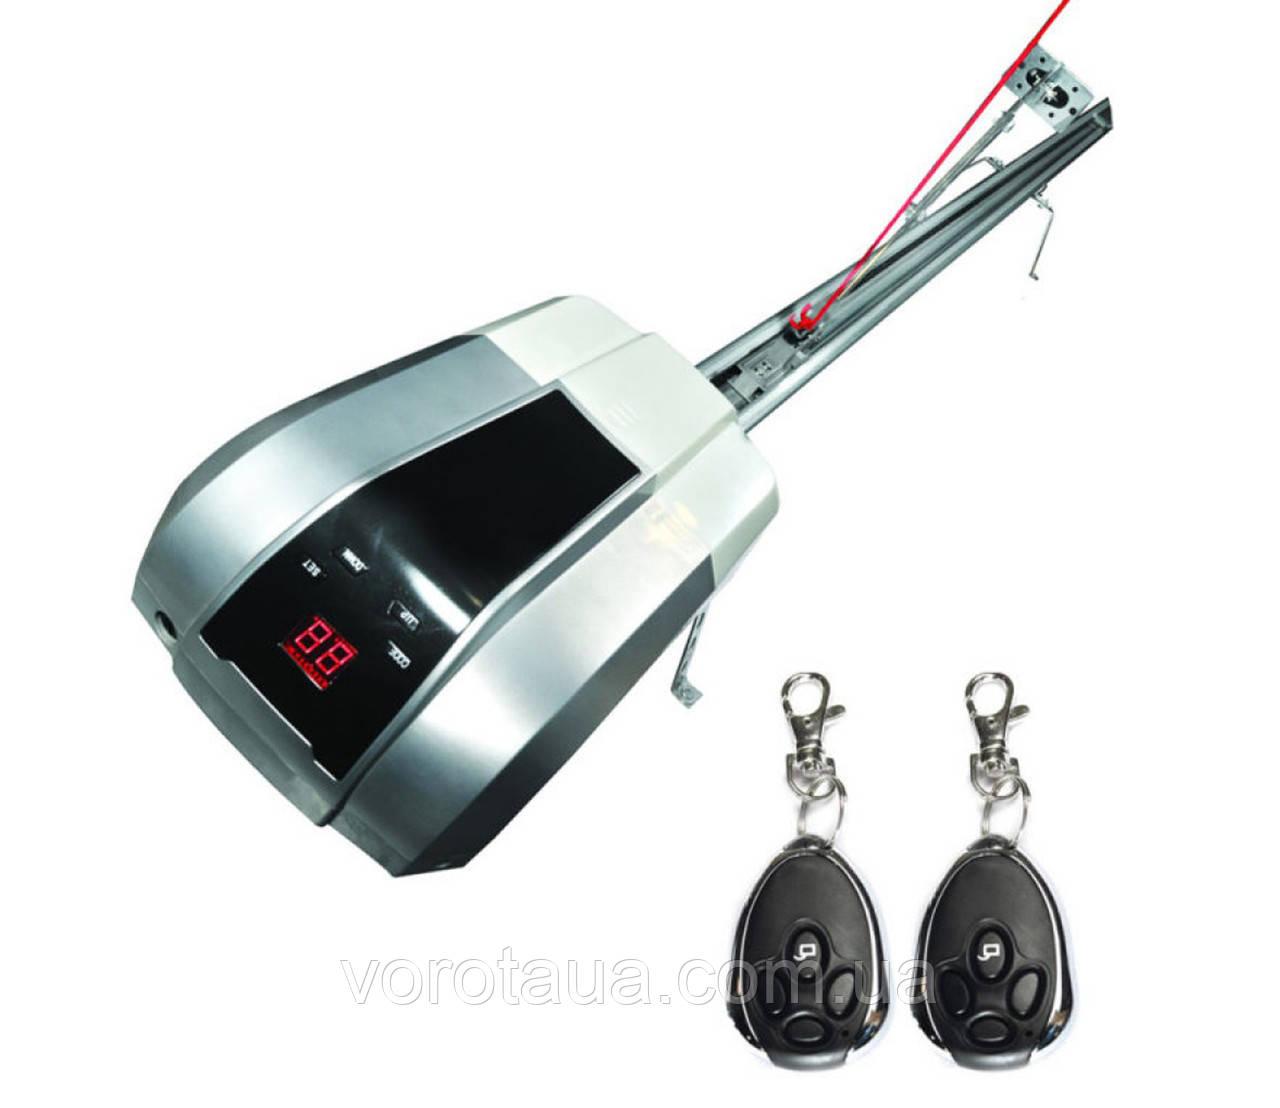 Автоматика An-Motors ASG1000/4KIT-L для гаражных ворот